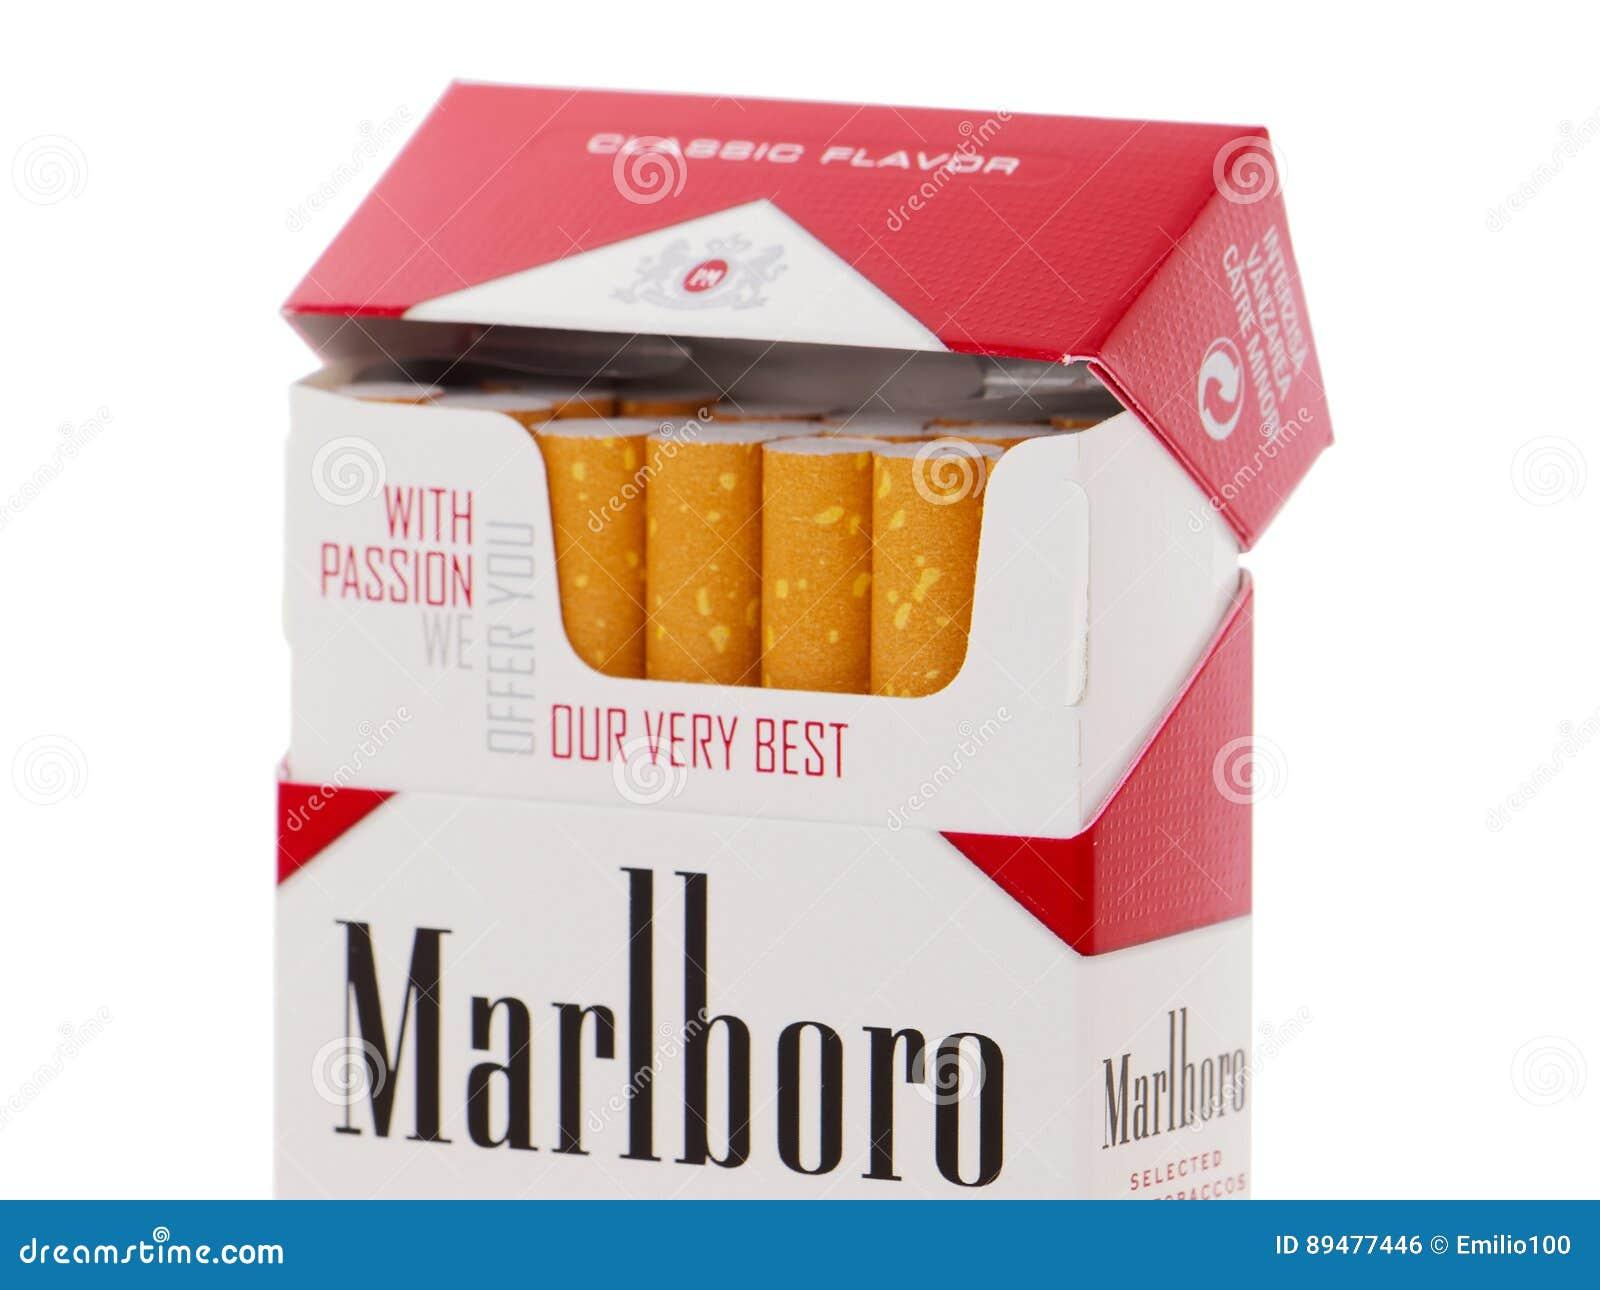 Paquete de los cigarrillos de Marlboro, hecho por Philip Morris